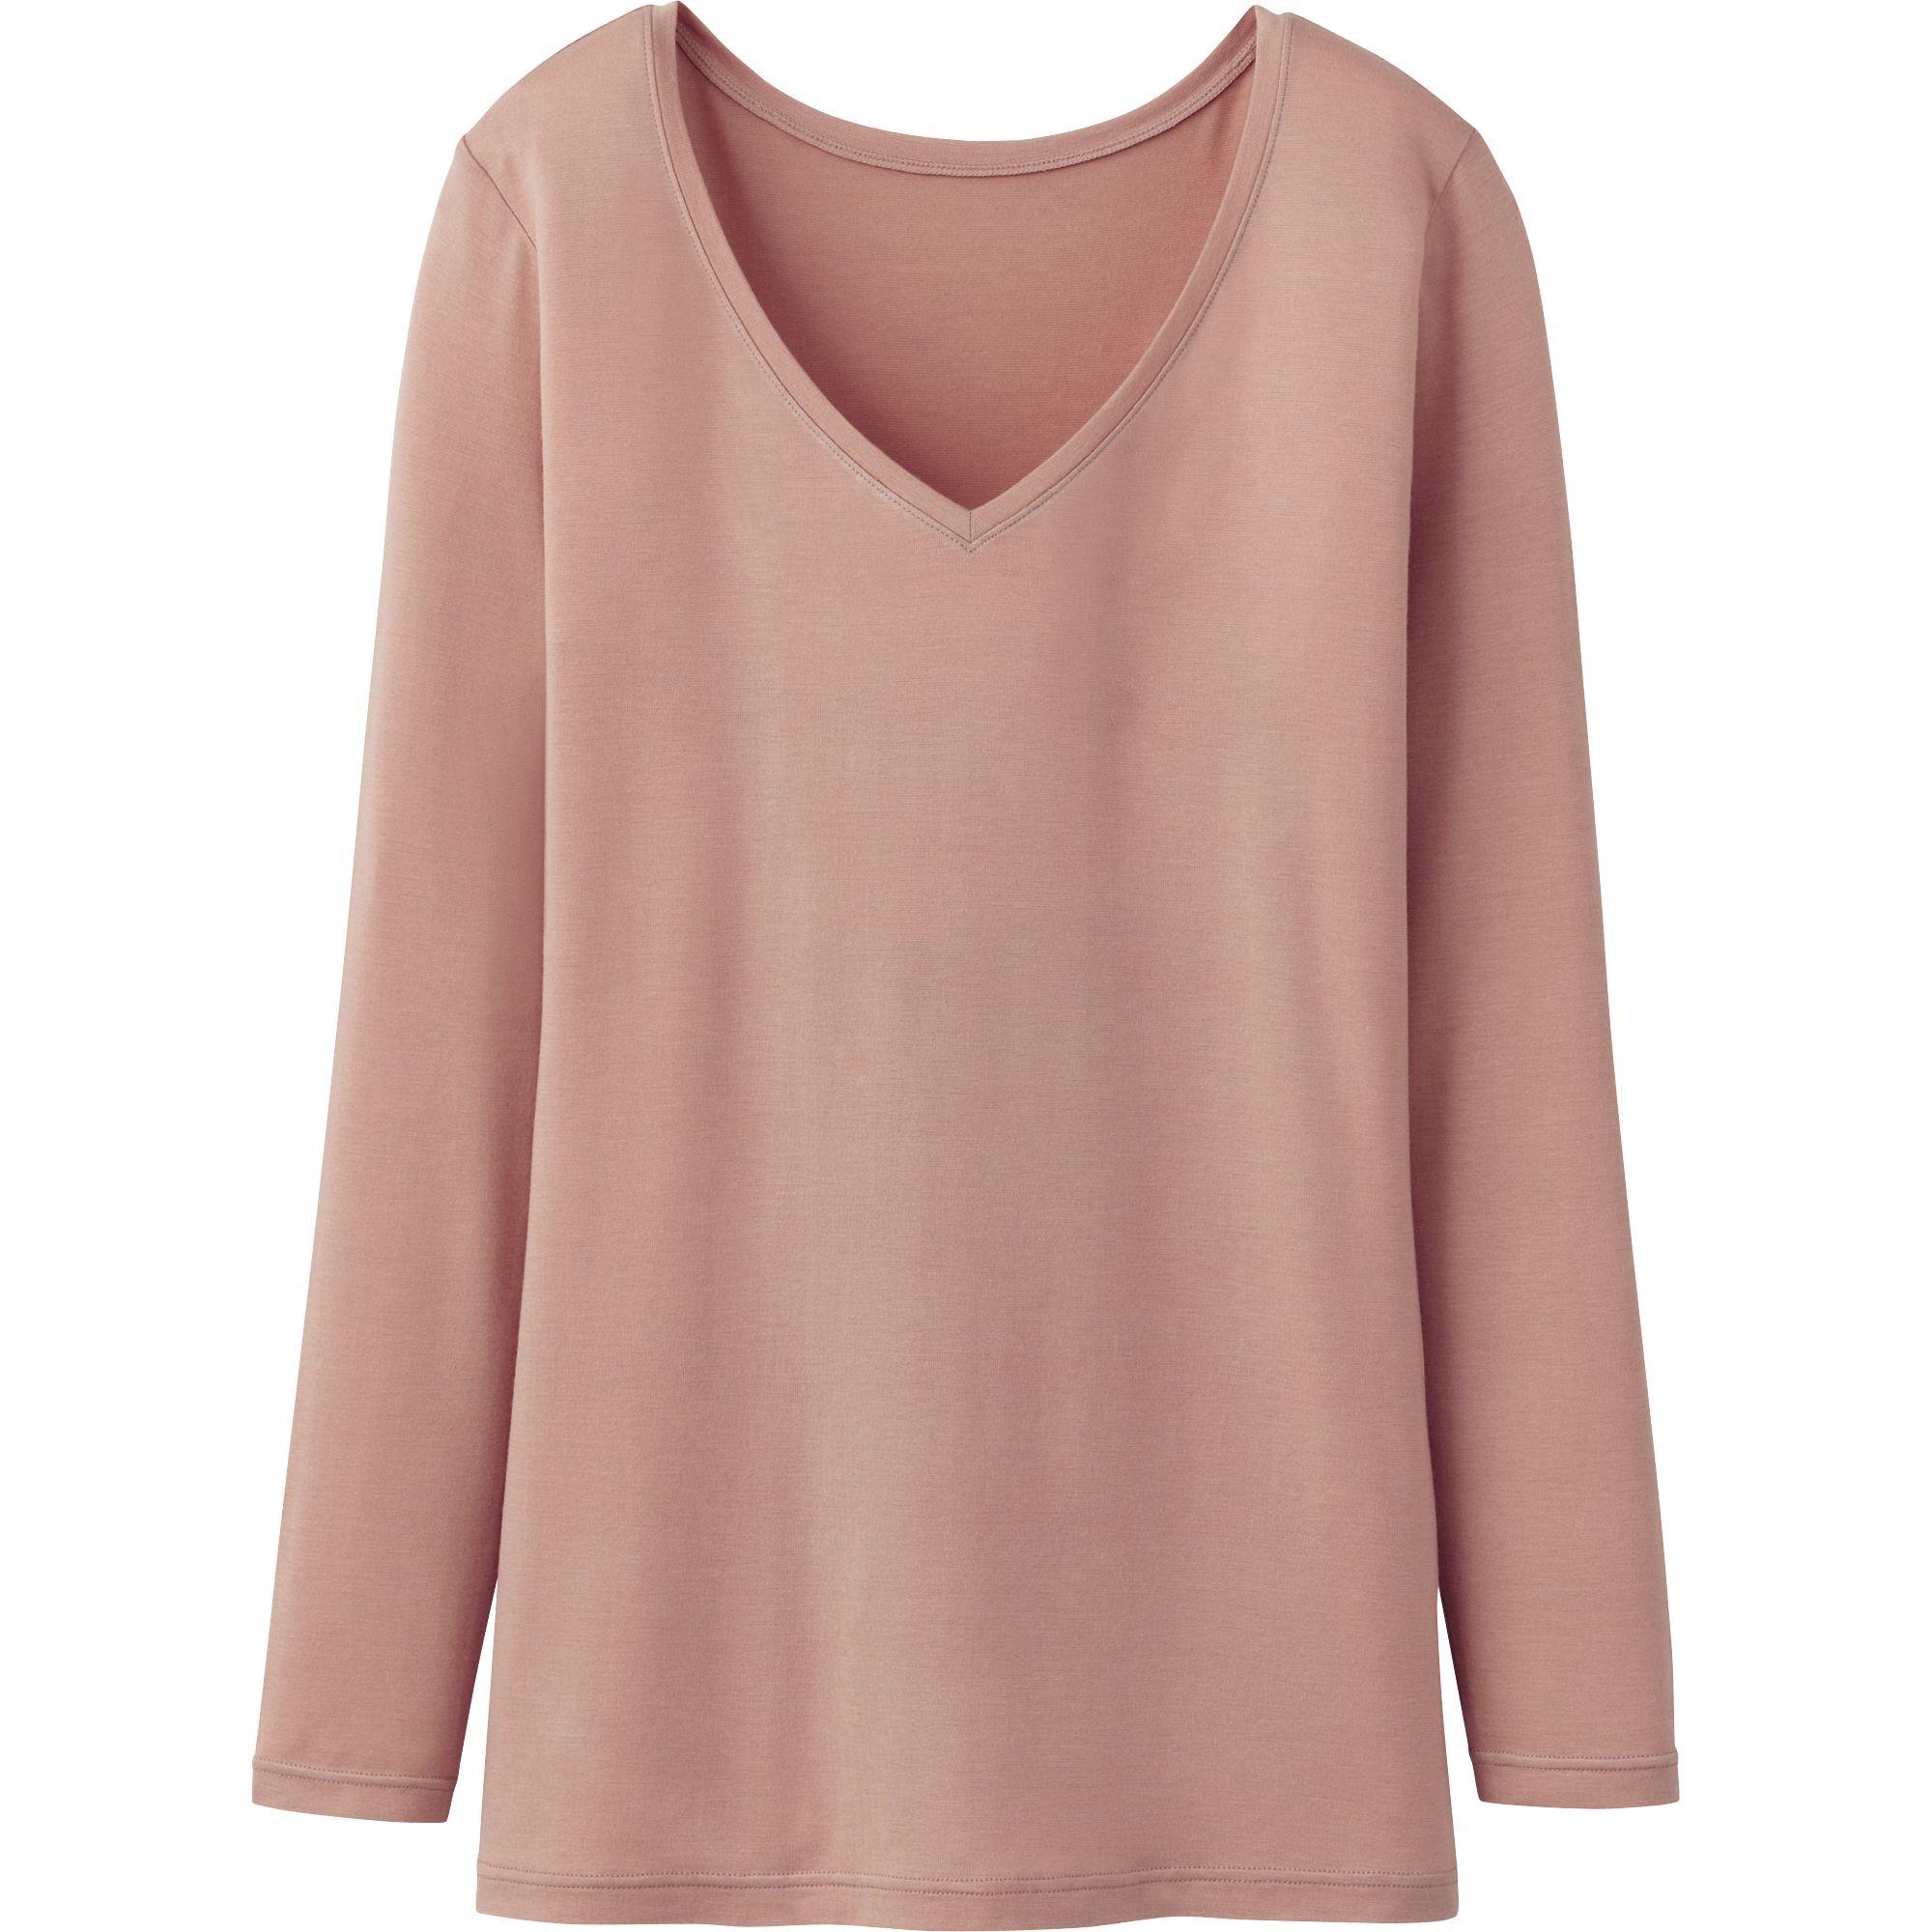 Uniqlo Women Heattech V Neck T Shirt Long Sleeve In Pink